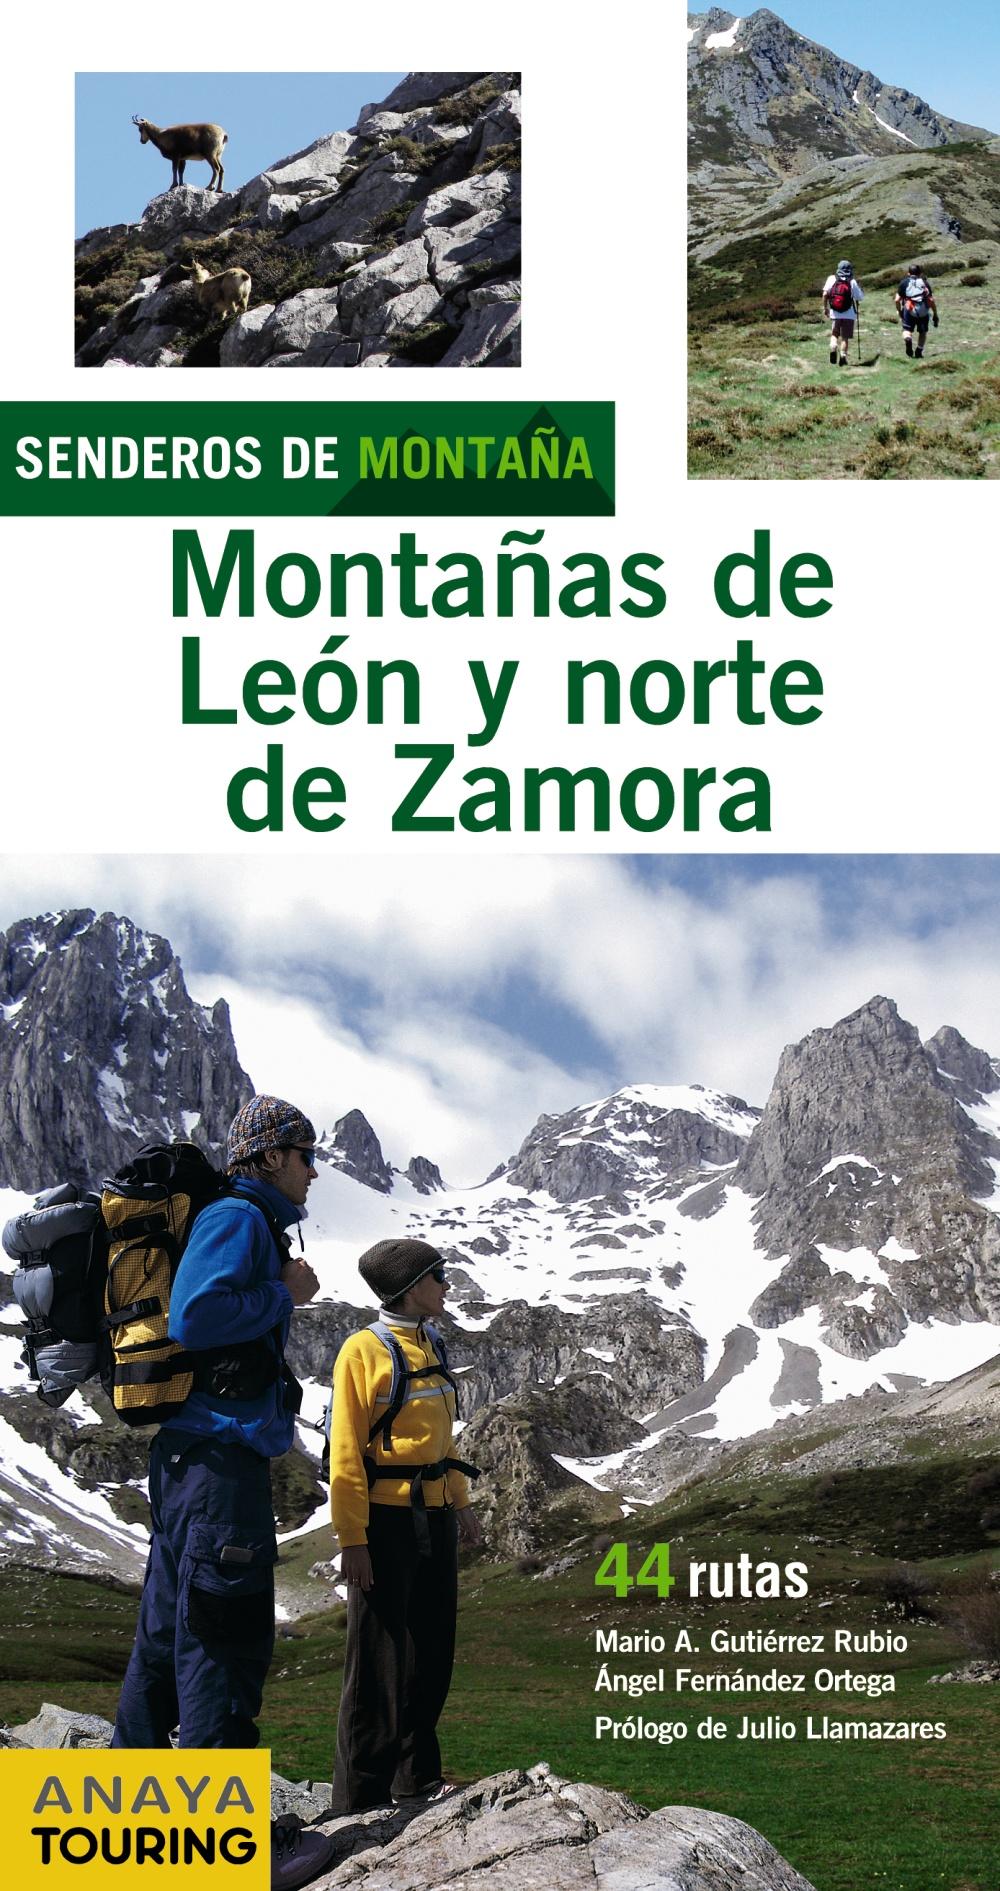 Senderos de Montaña, Montañas de León y norte de Zamora